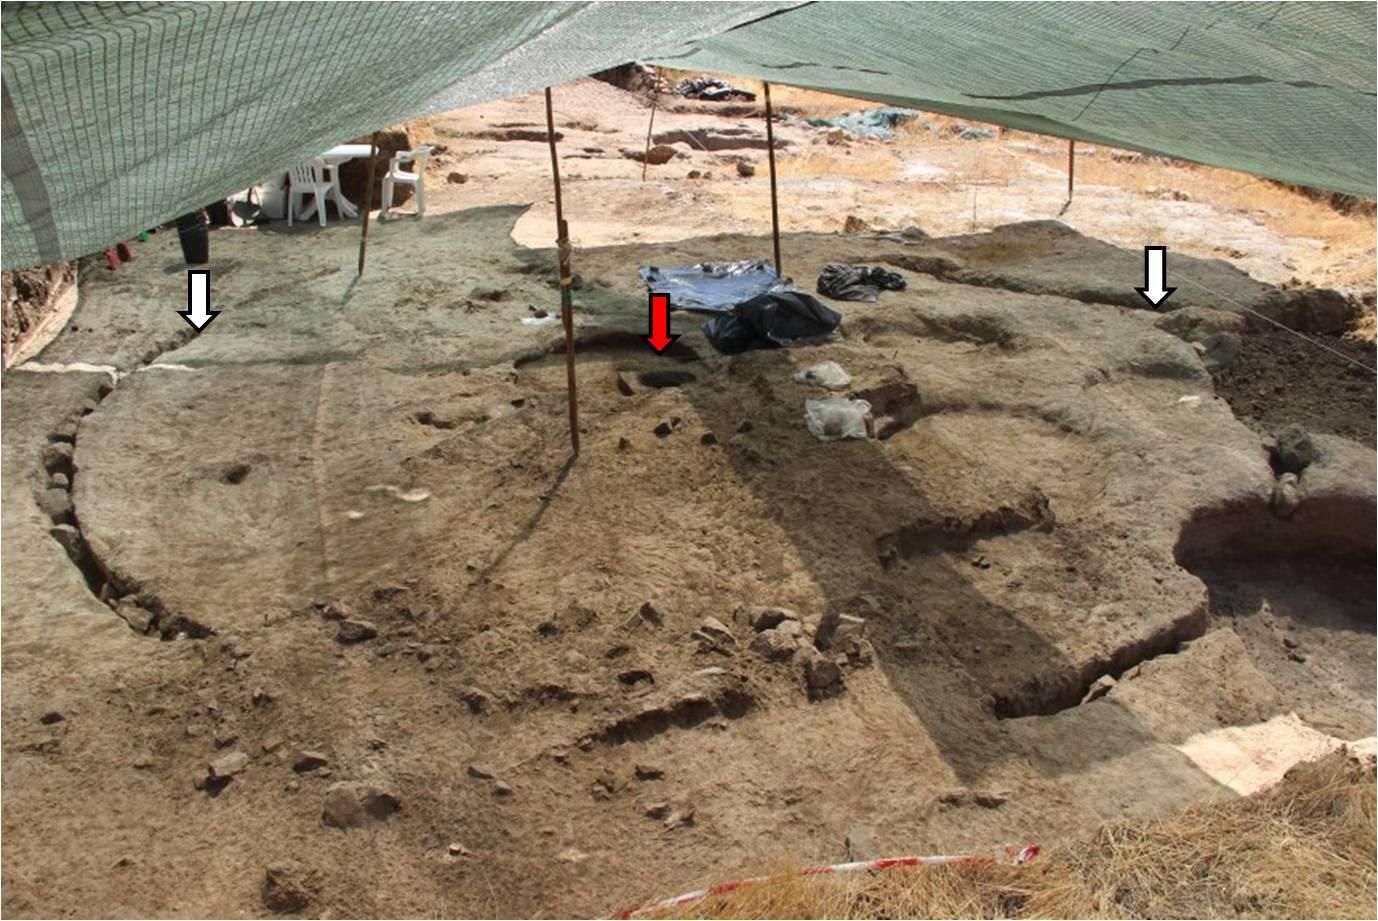 Complexo arqueológico dos perdigões